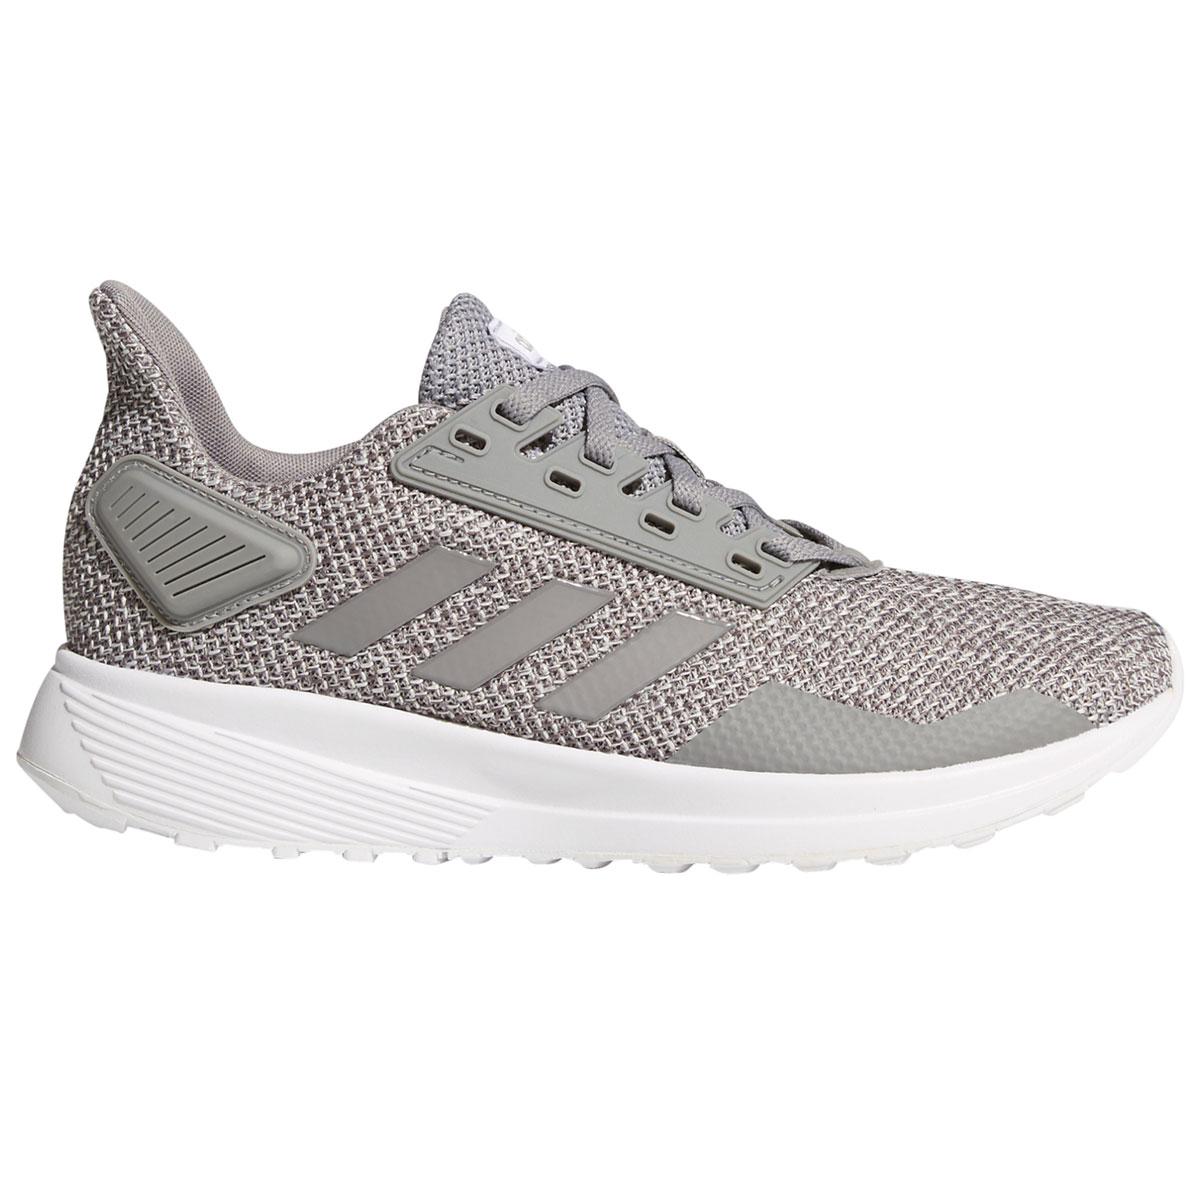 Adidas Boys' Duramo 9 Running Shoes - Black, 6.5